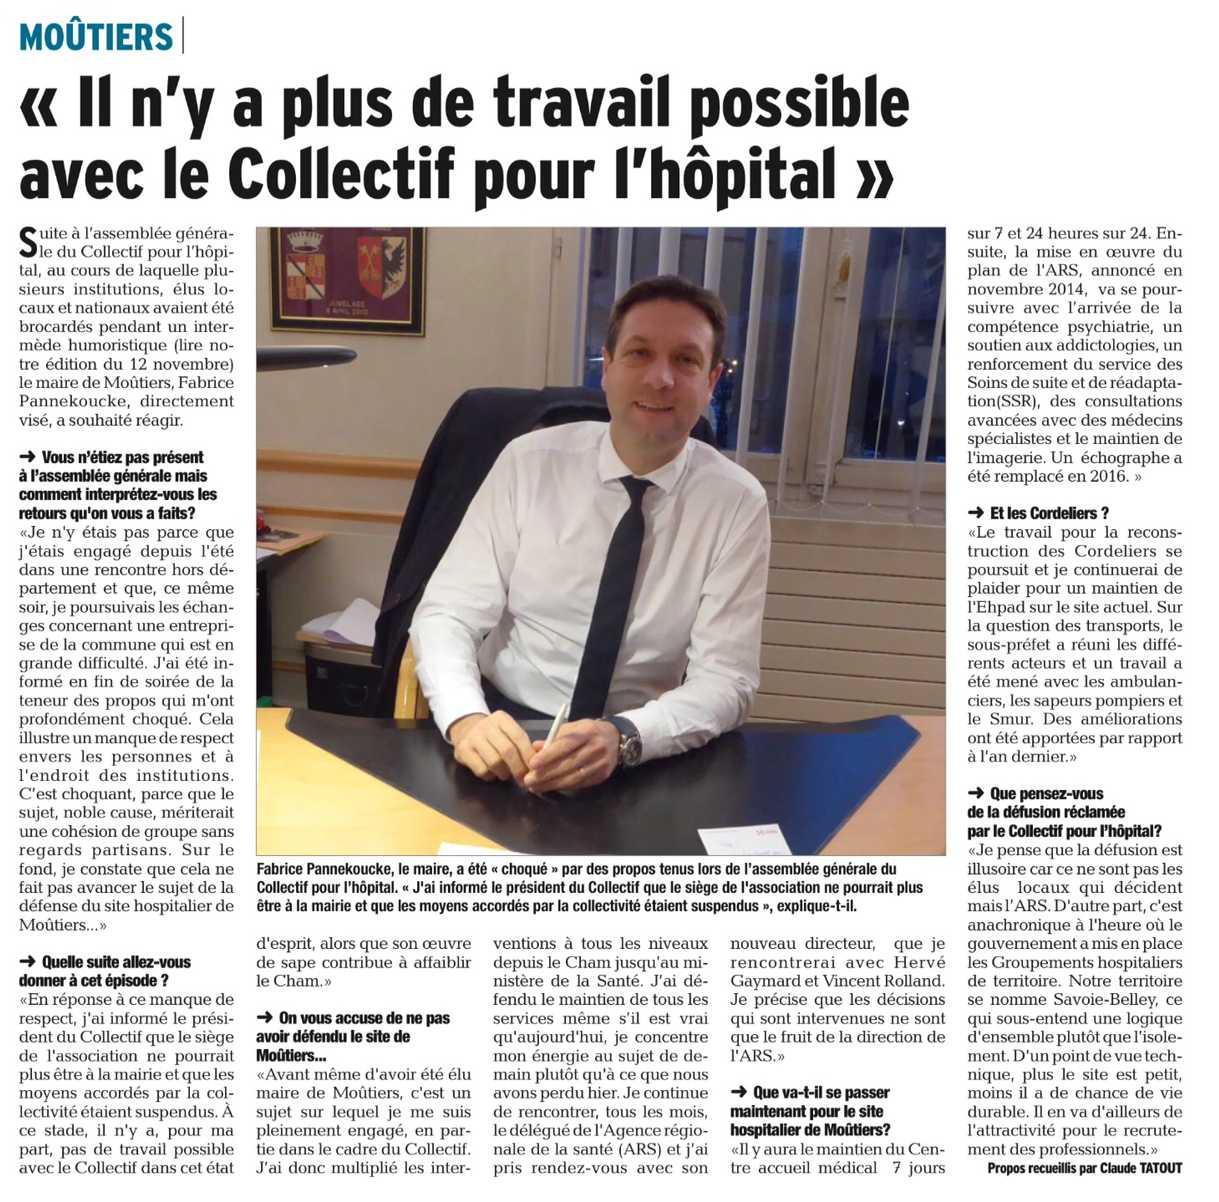 2016-11-19-dl-il-ny-a-plus-de-travail-possible-avec-le-collectif-pour-lhopital